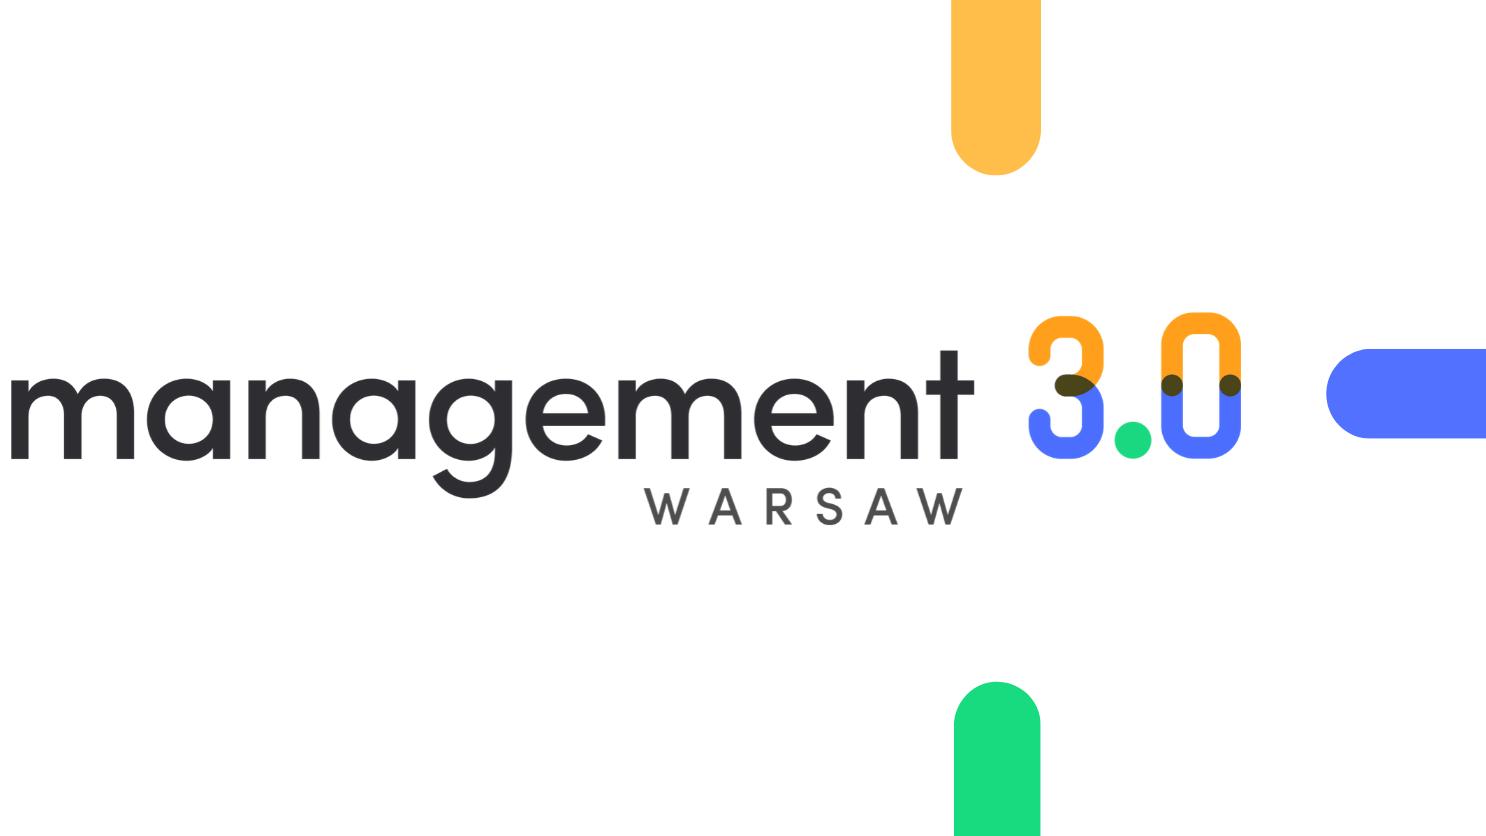 Management 3.0 Warsaw